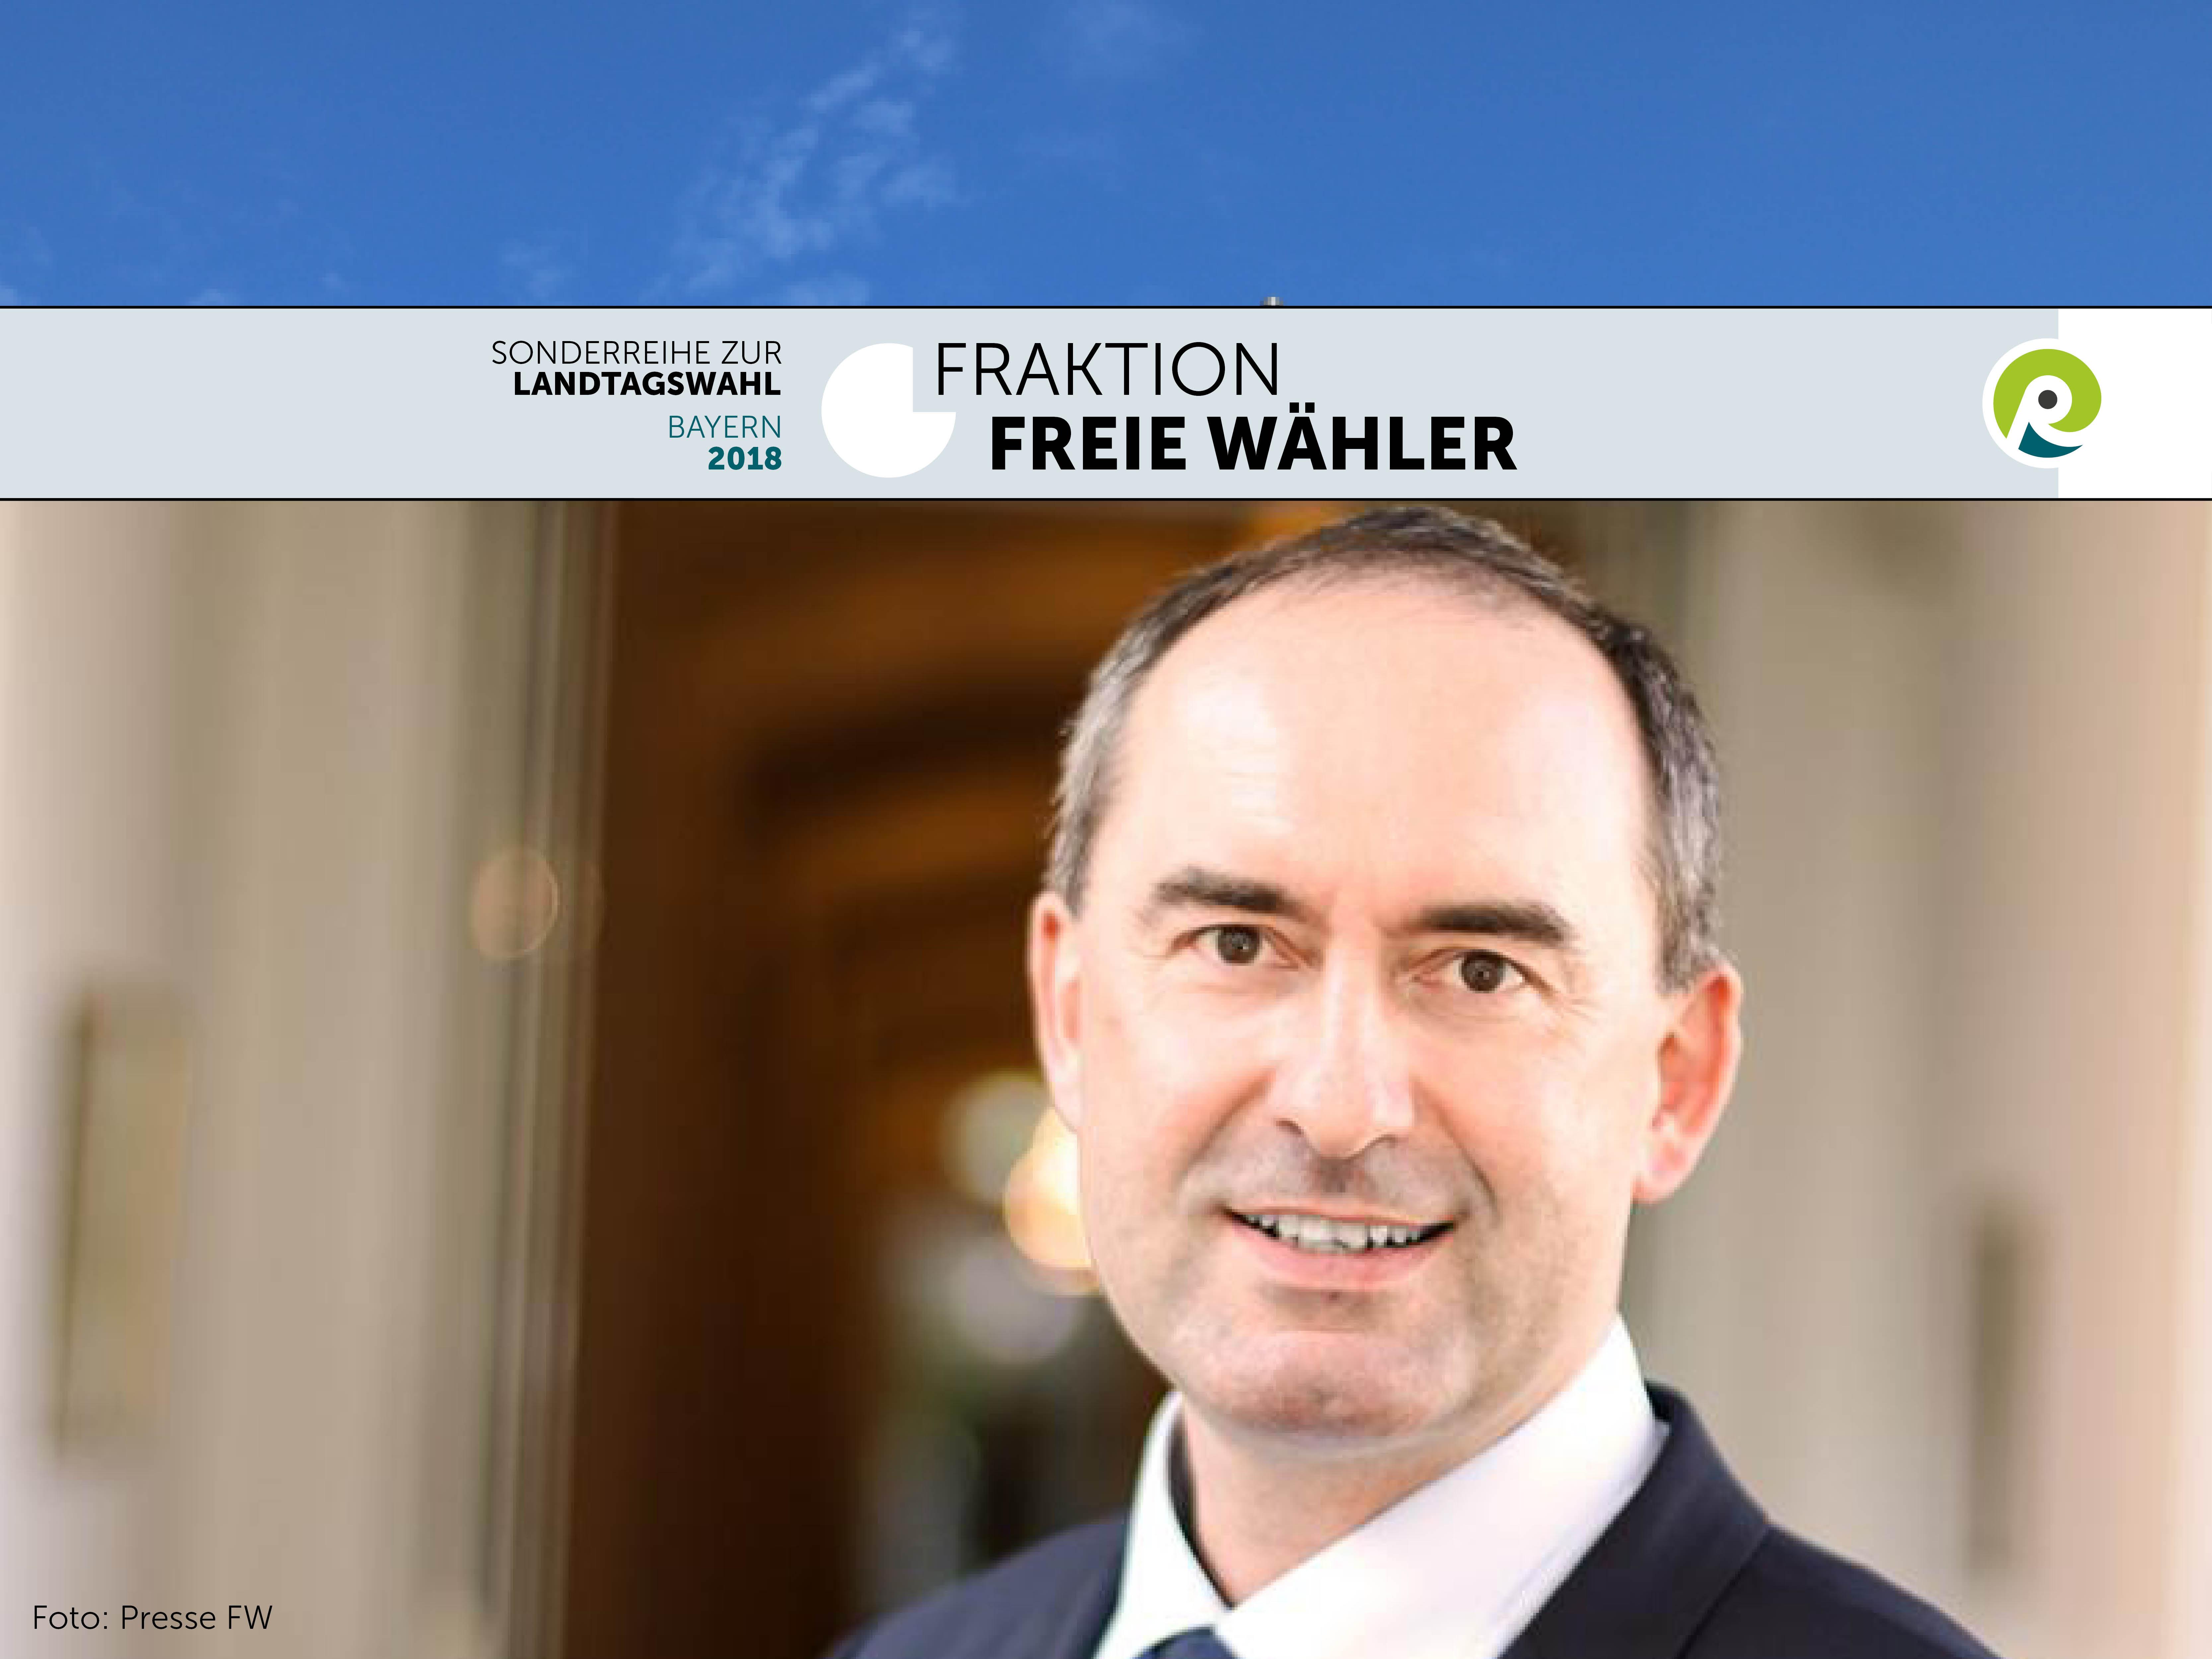 Hubert Aiwanger als Spitzenkandidat der Freien Wähler zur bayrischen Landtagswahl 2018.